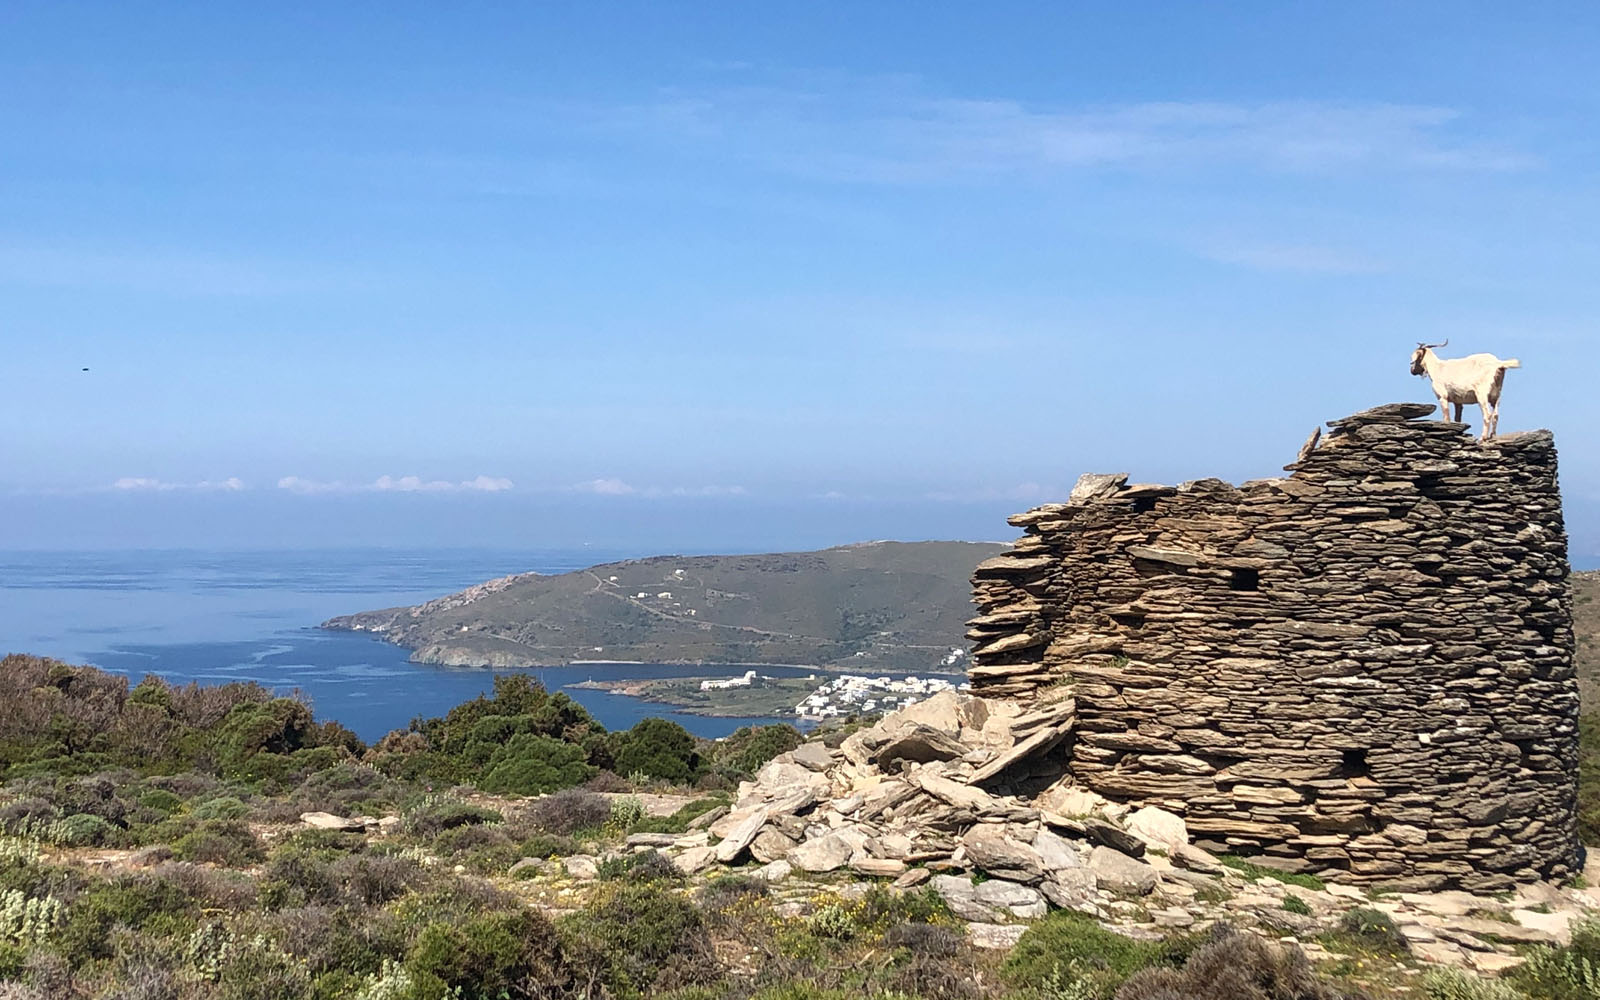 Una capretta ammira il paesaggio dell'isola di Andros, la più a nord delle Cicladi.